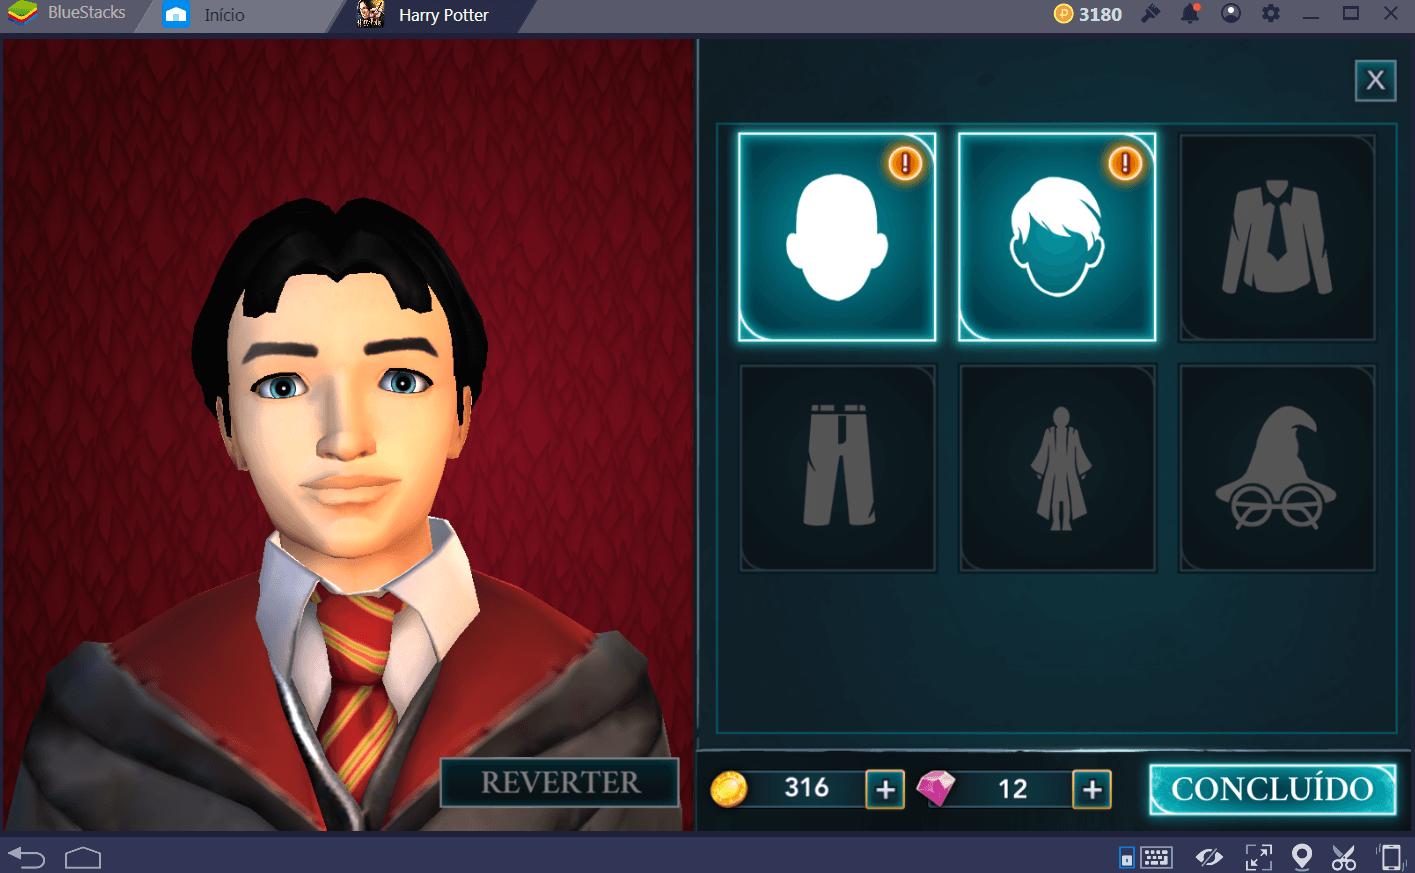 Guia de gemas e moedas em Harry Potter: Hogwarts Mystery